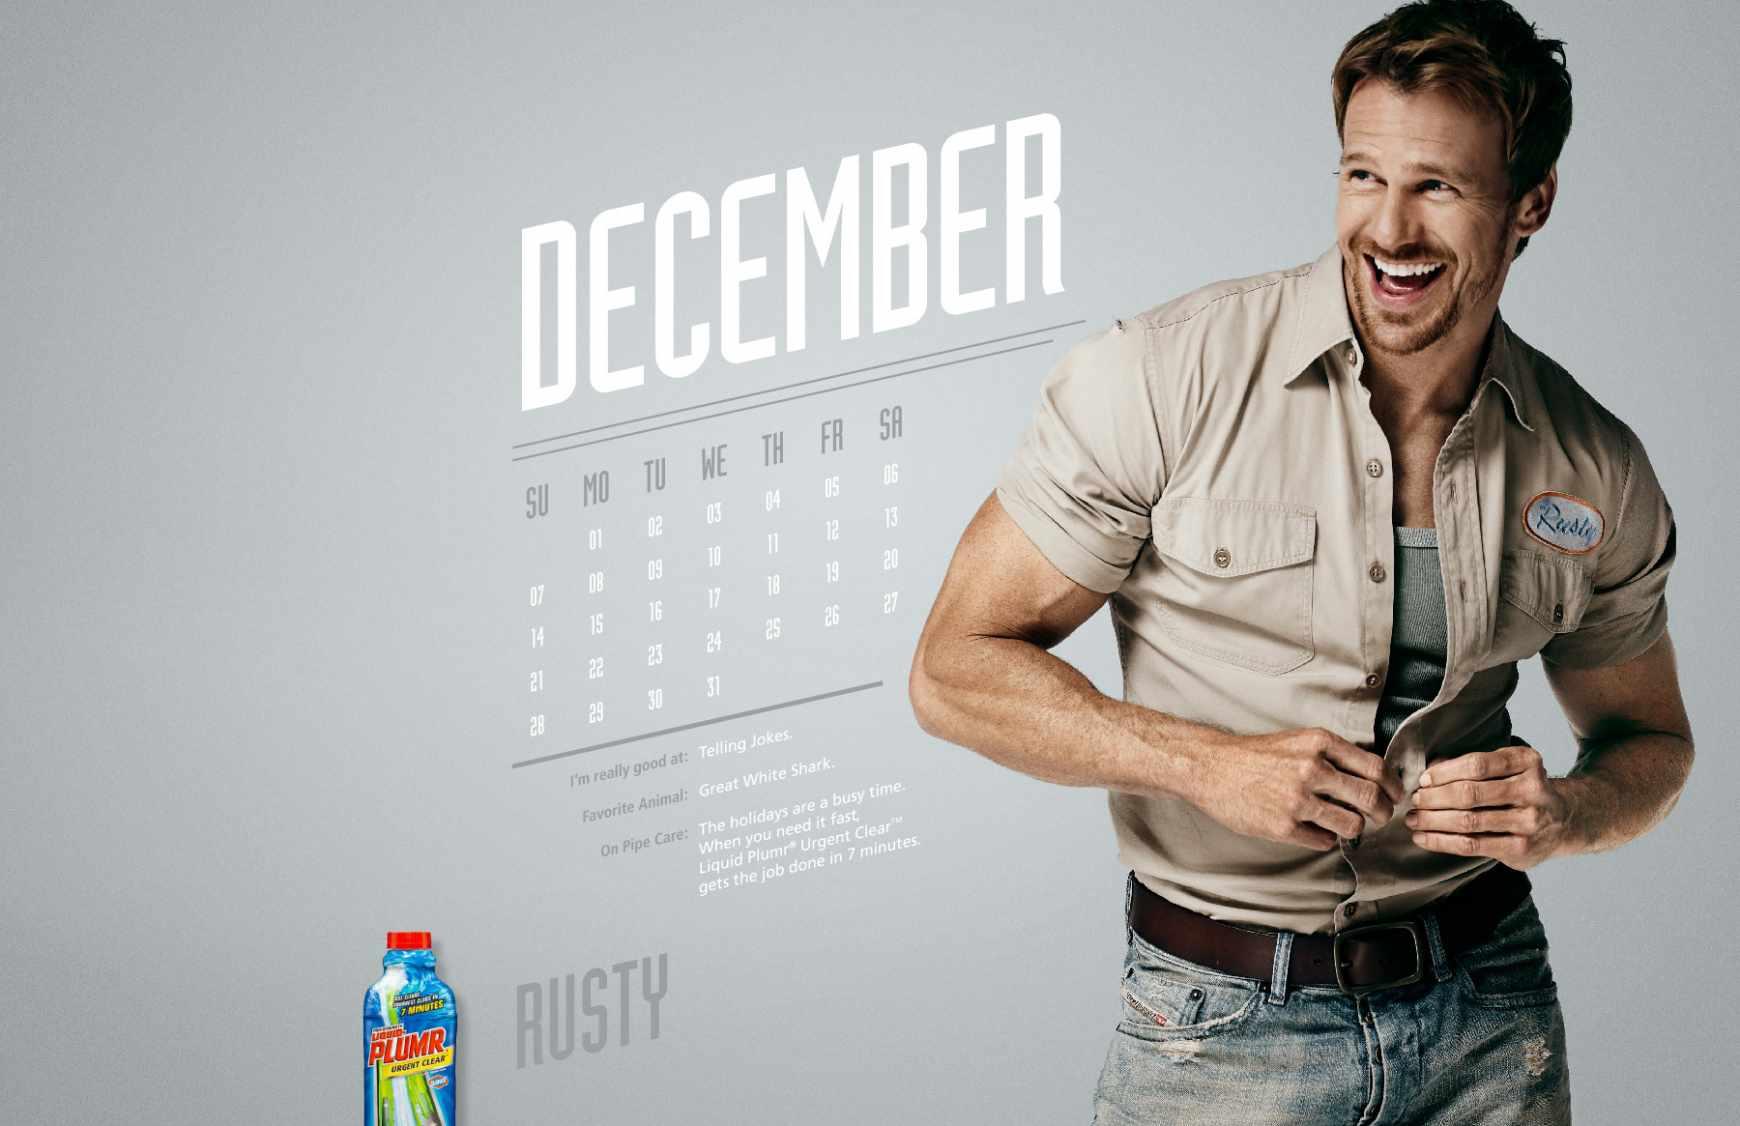 liquidplumr_calendar-13